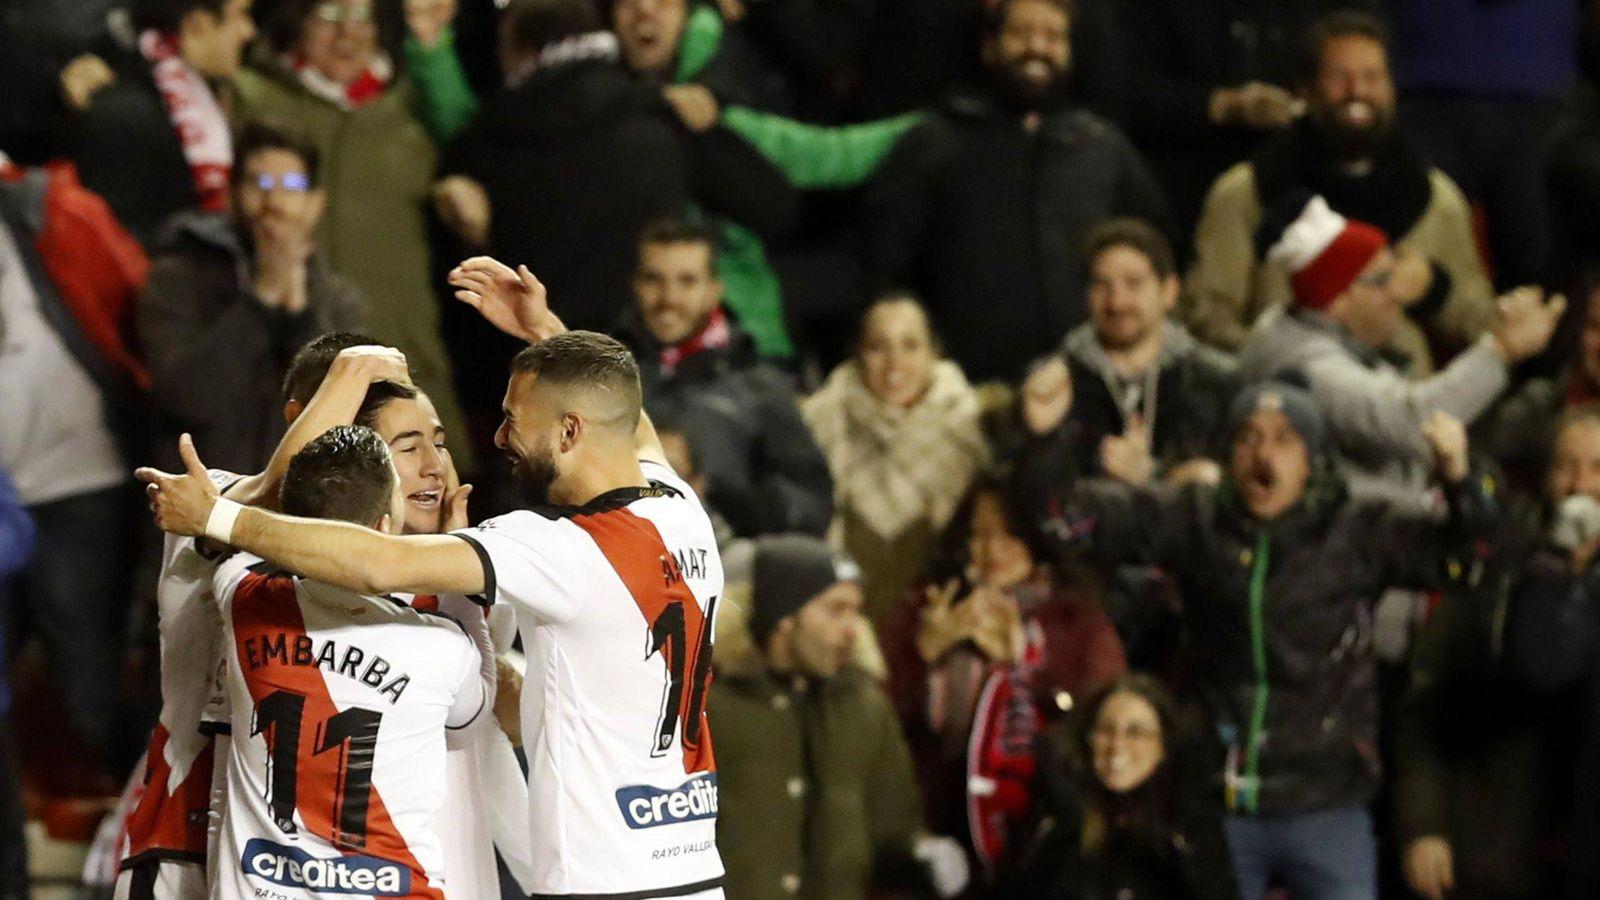 Foto: Jugadores del Rayo Vallecano celebran un gol. (EFE)